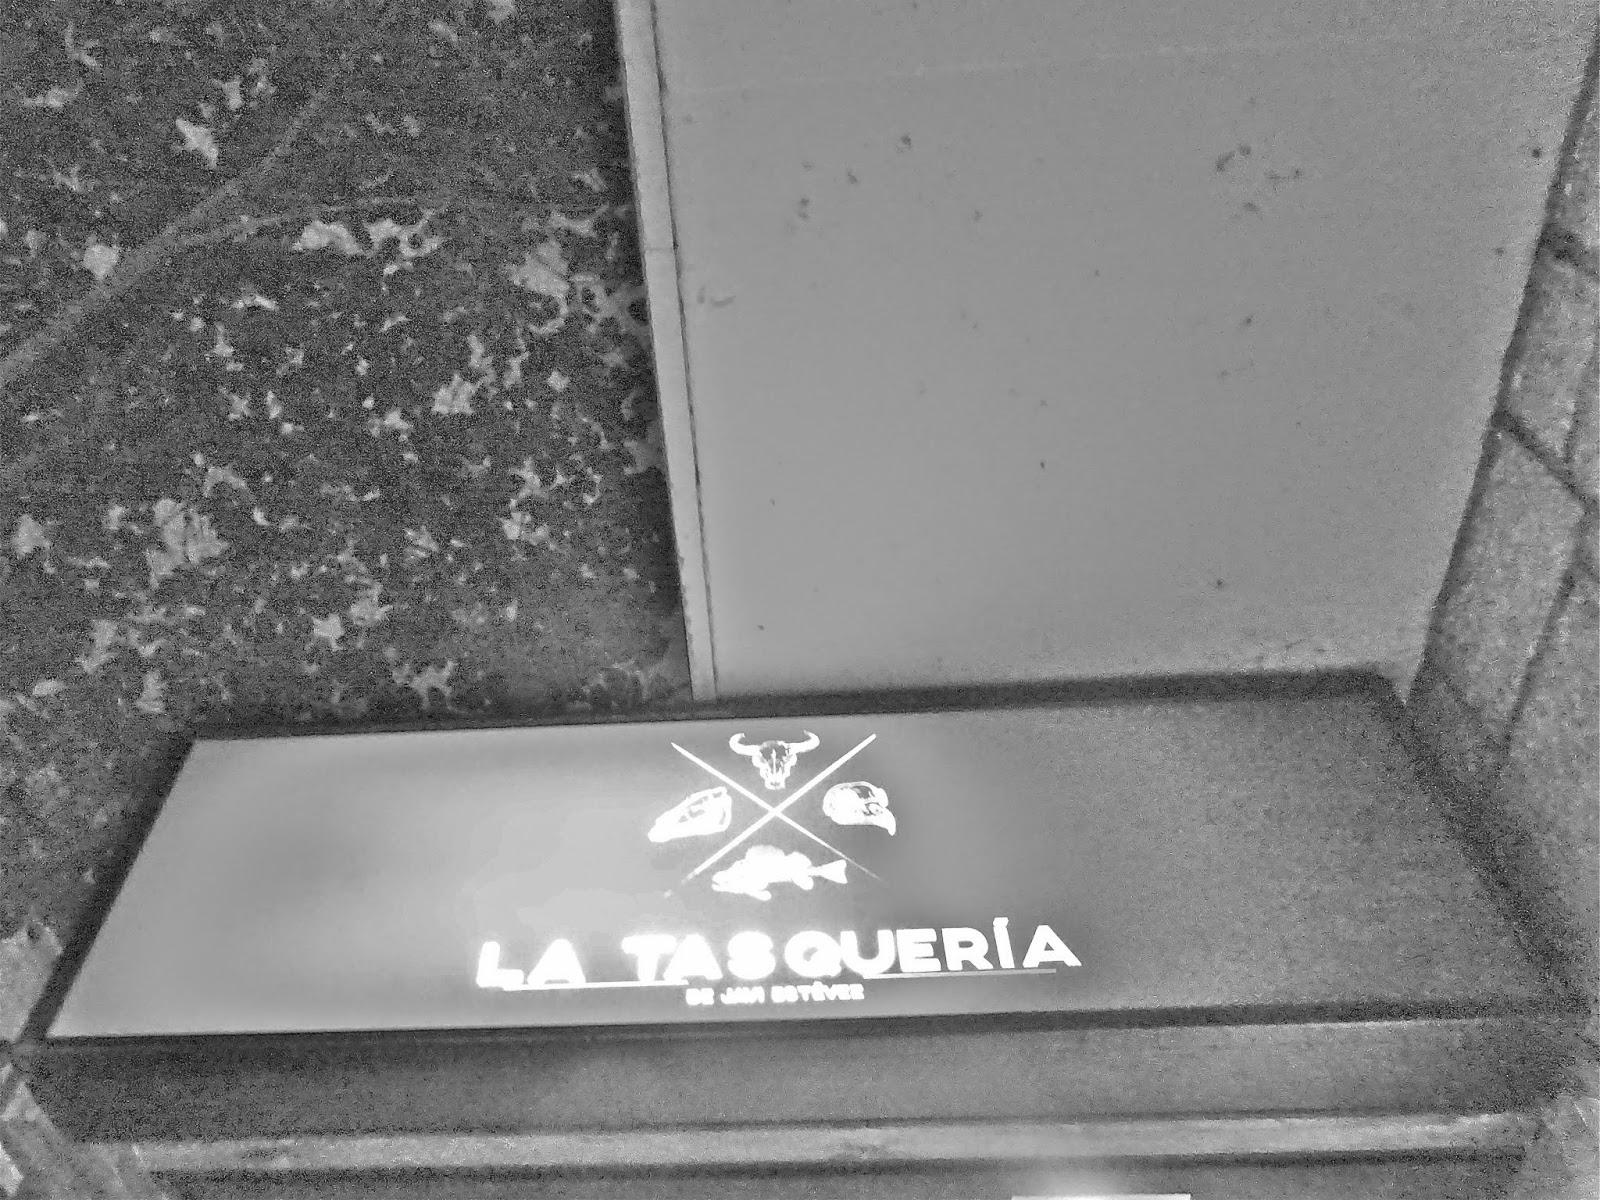 La Tasquería de Javi Estévez Madrid Duque de Sesto 48 Madrid Tasca Casquería Restaurante Barrio Salamanca Callos Carrilleras Mollejas top chef tapas Retiro Castizo